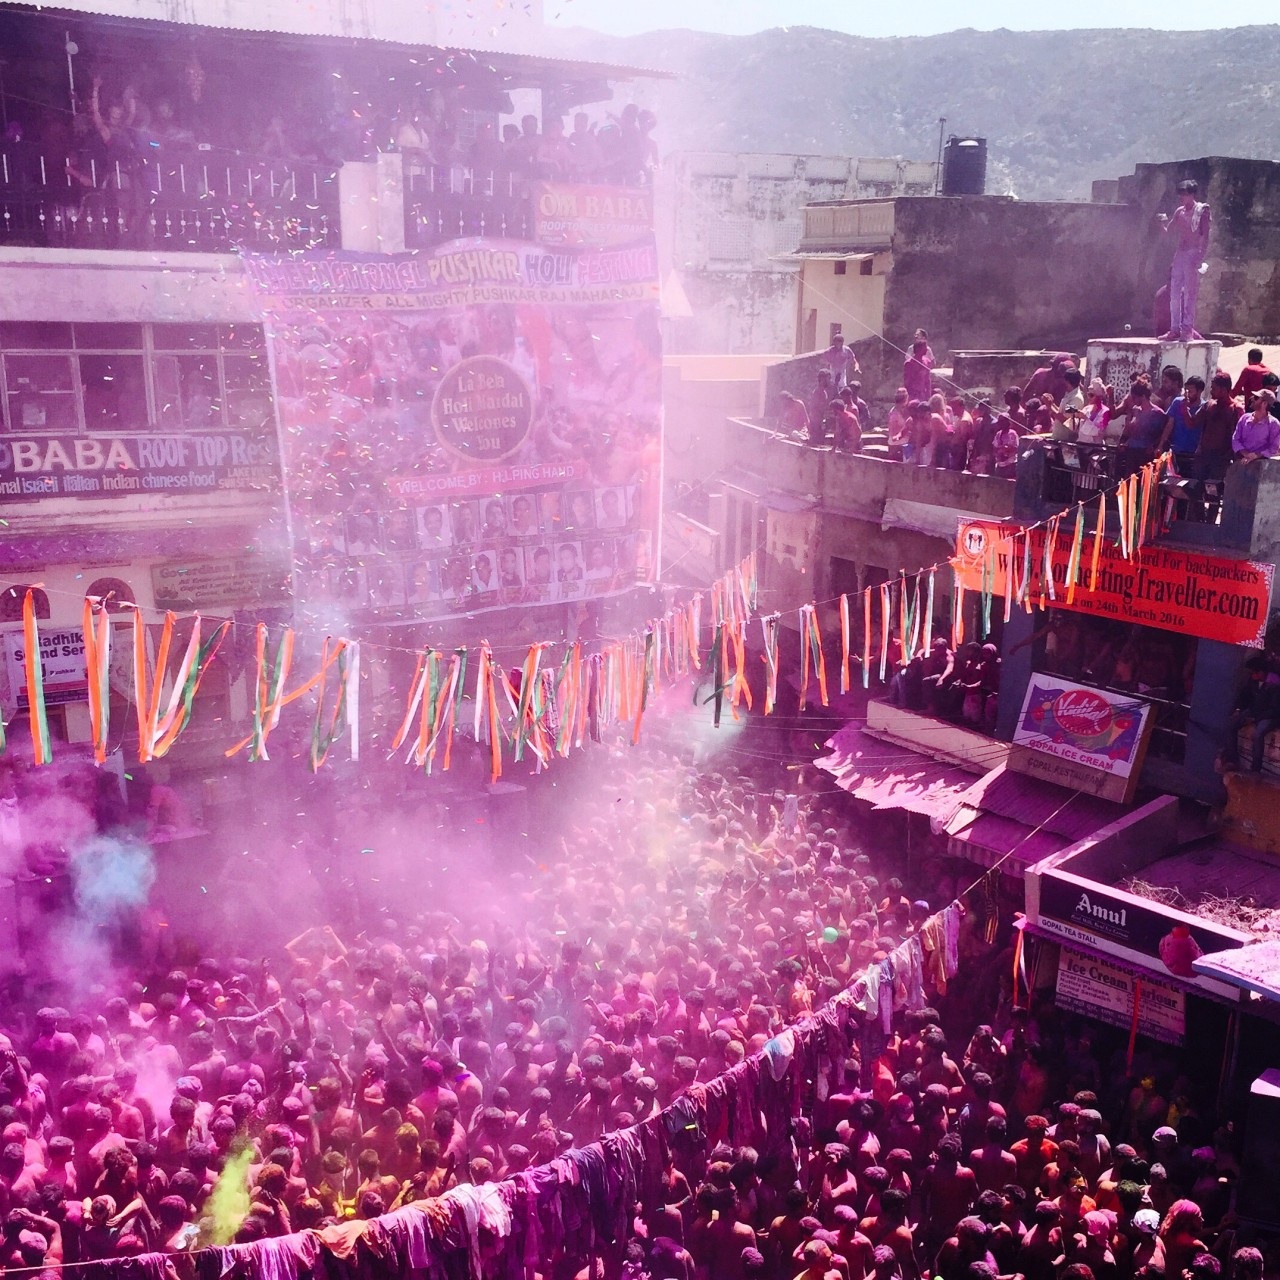 Holi Festival at Pushkar